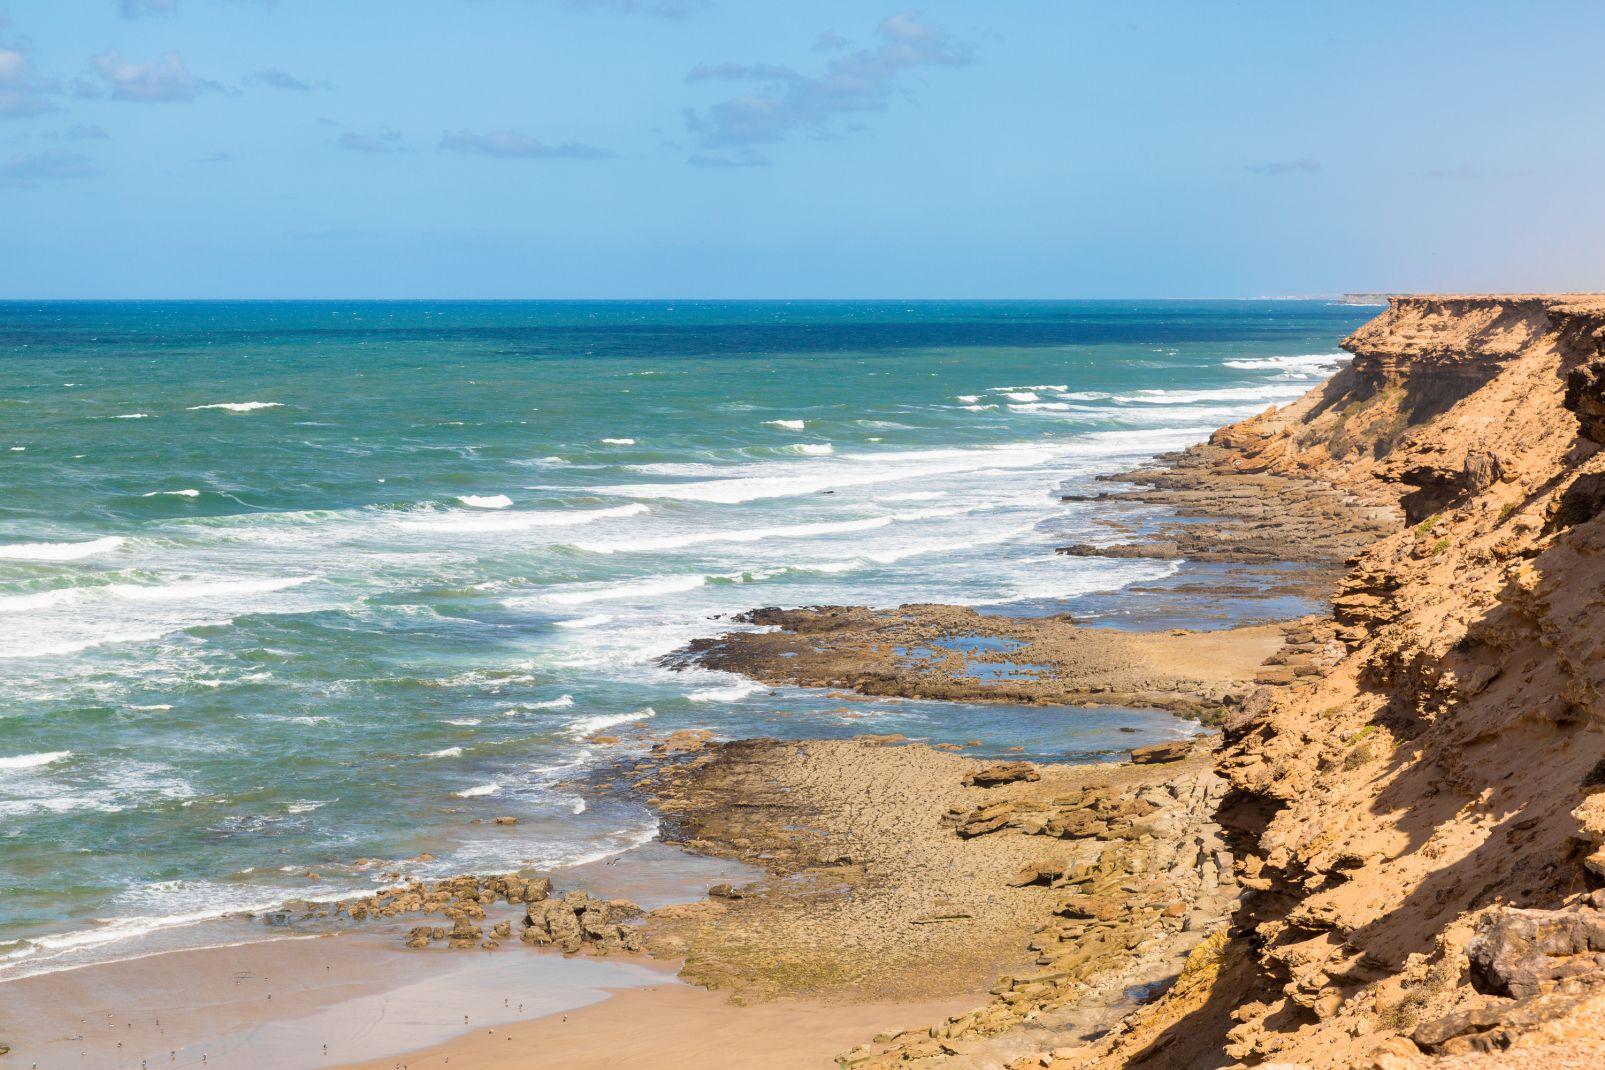 Maroc, afrique, sud, maghreb, côte, tan-tan, chbika, tan-tan, mer, océan, atlantique